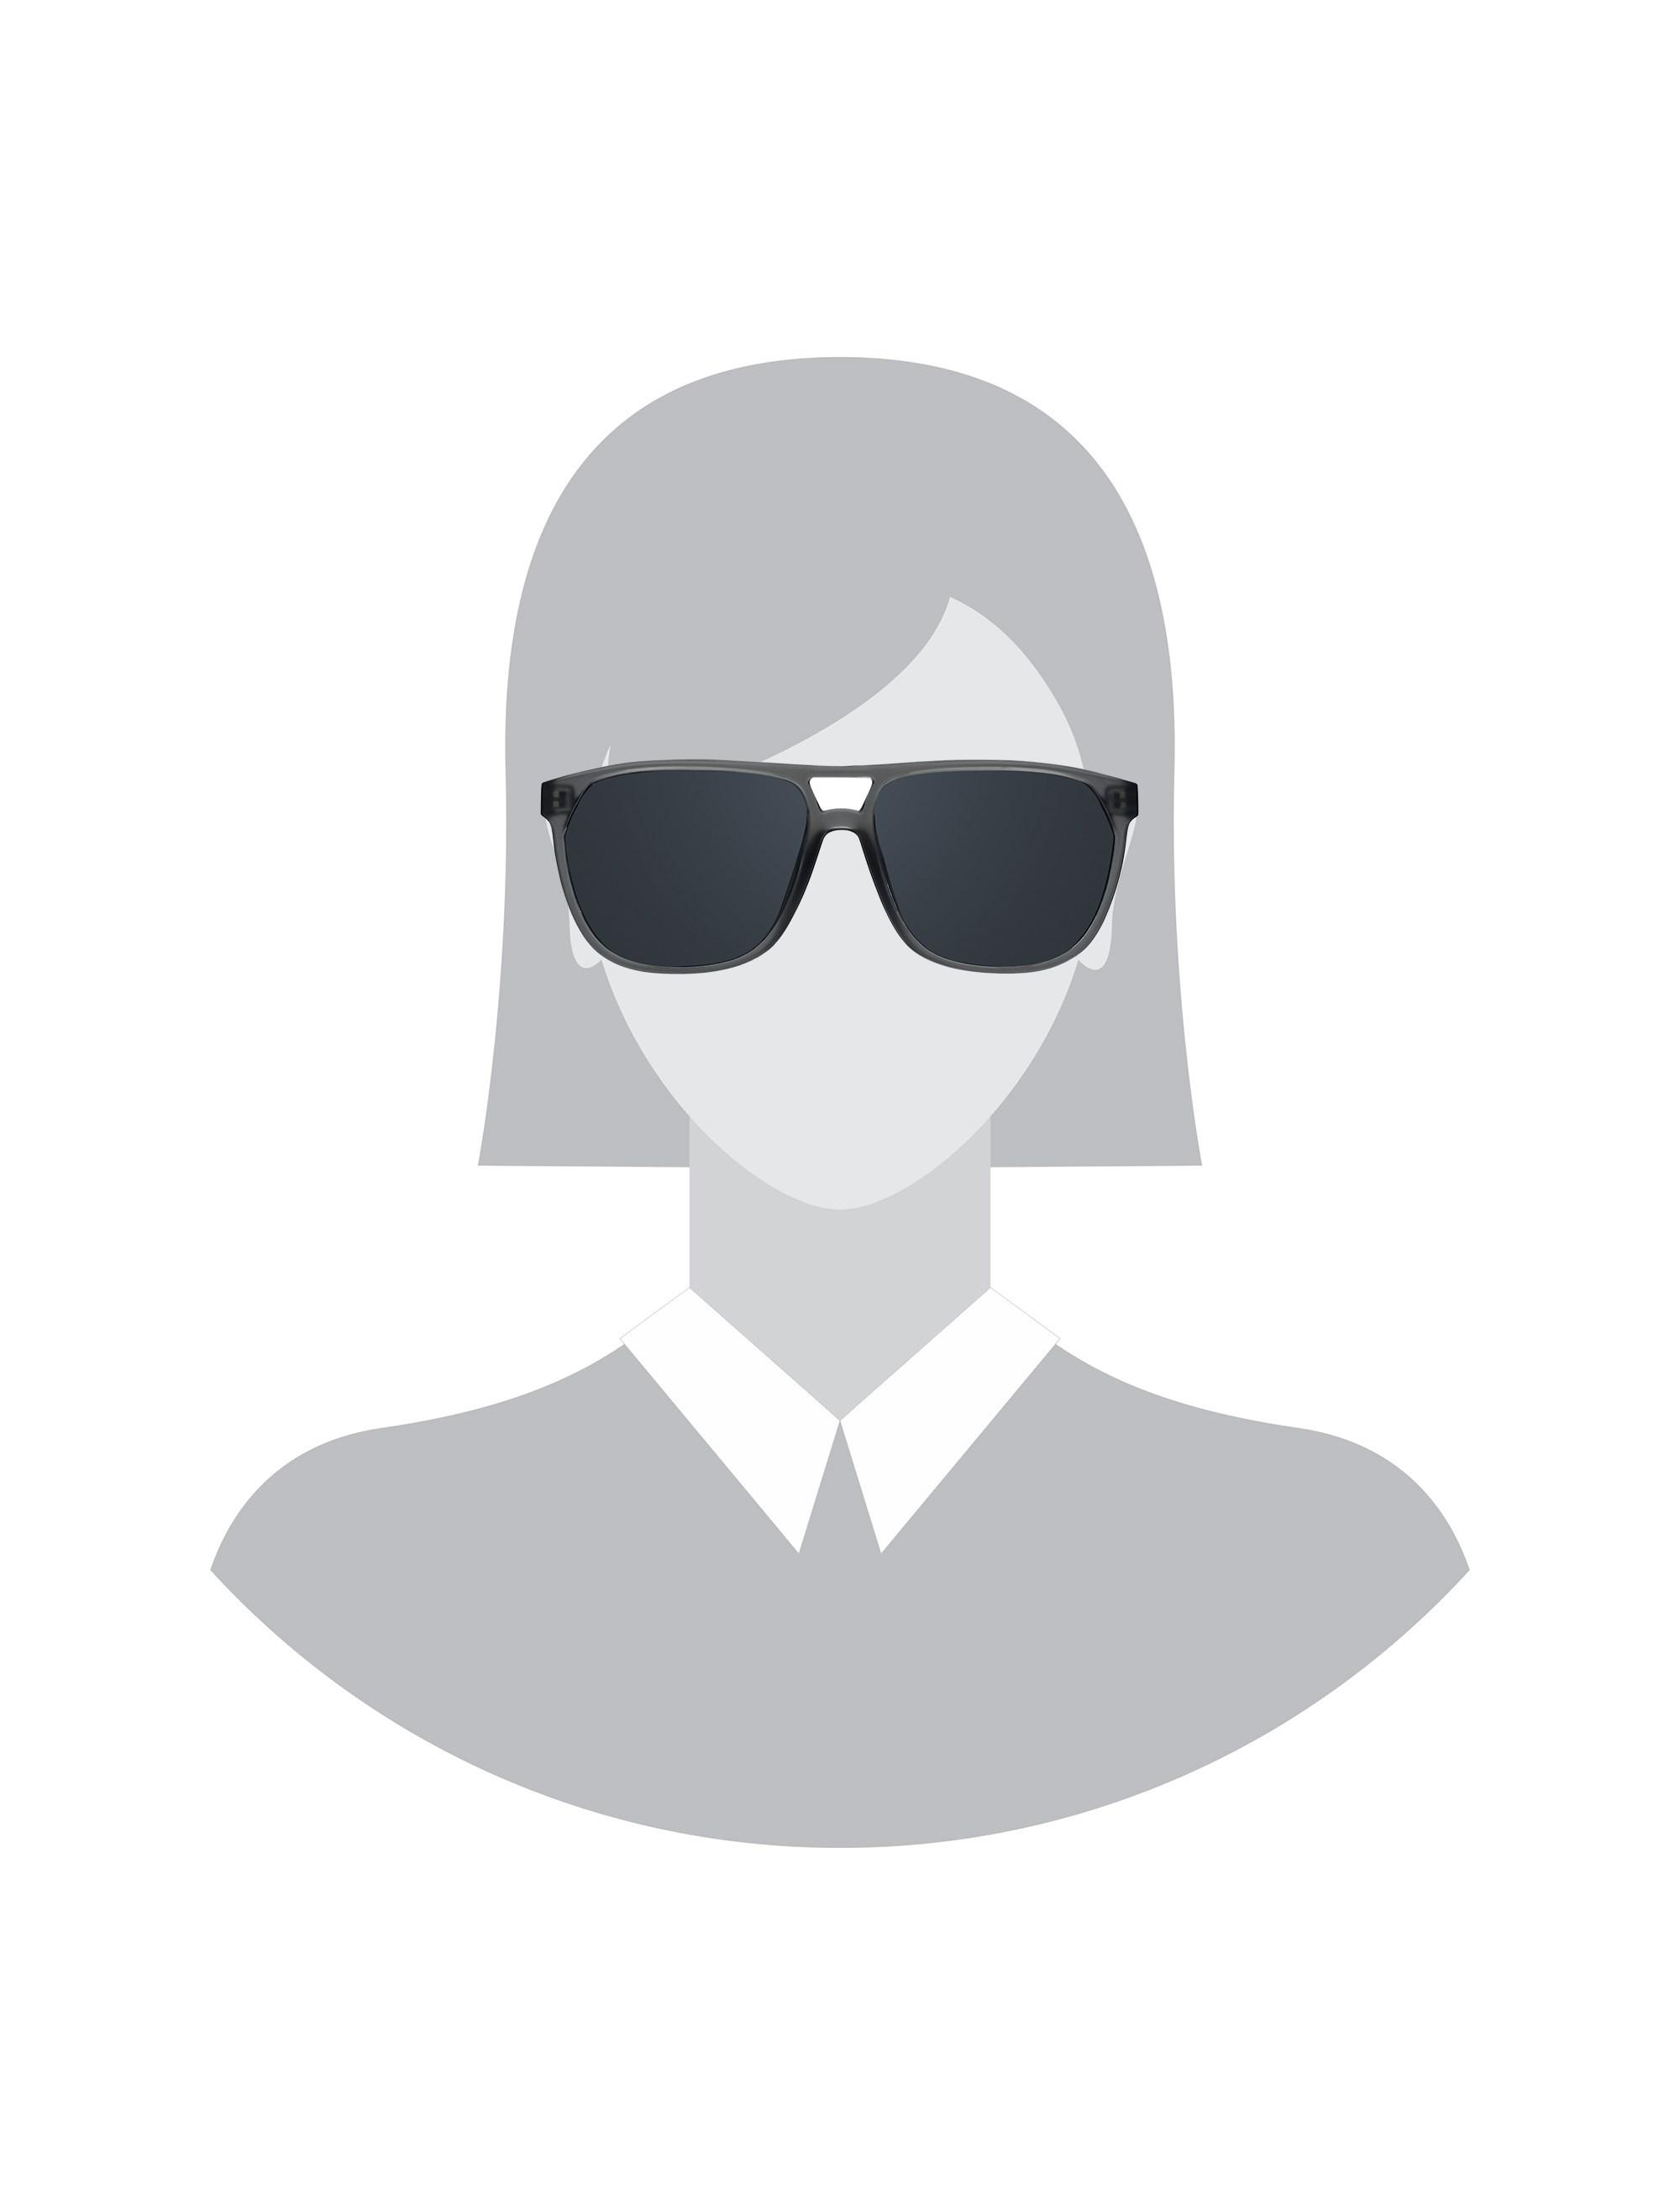 عینک آفتابی خلبانی زنانه - پپه جینز - طوسي  - 5